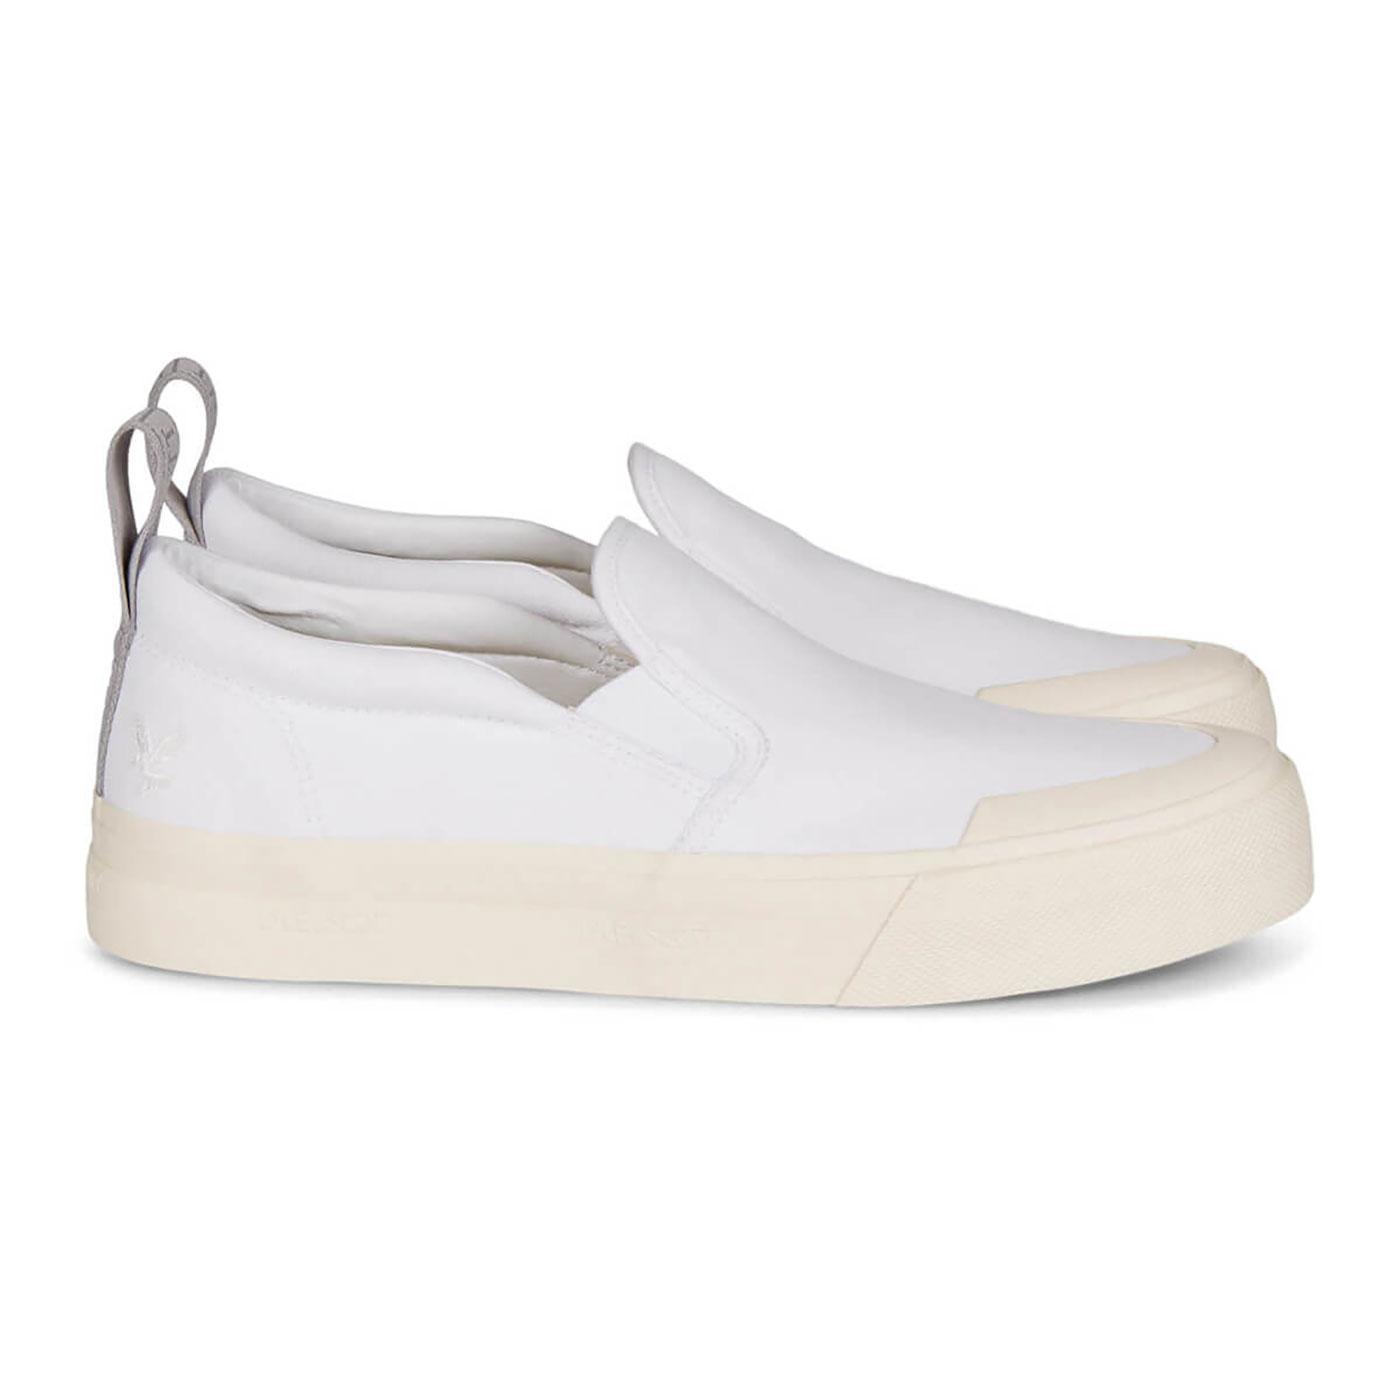 Duncan LYLE & SCOTT Canvas Slip-On Sports Shoes